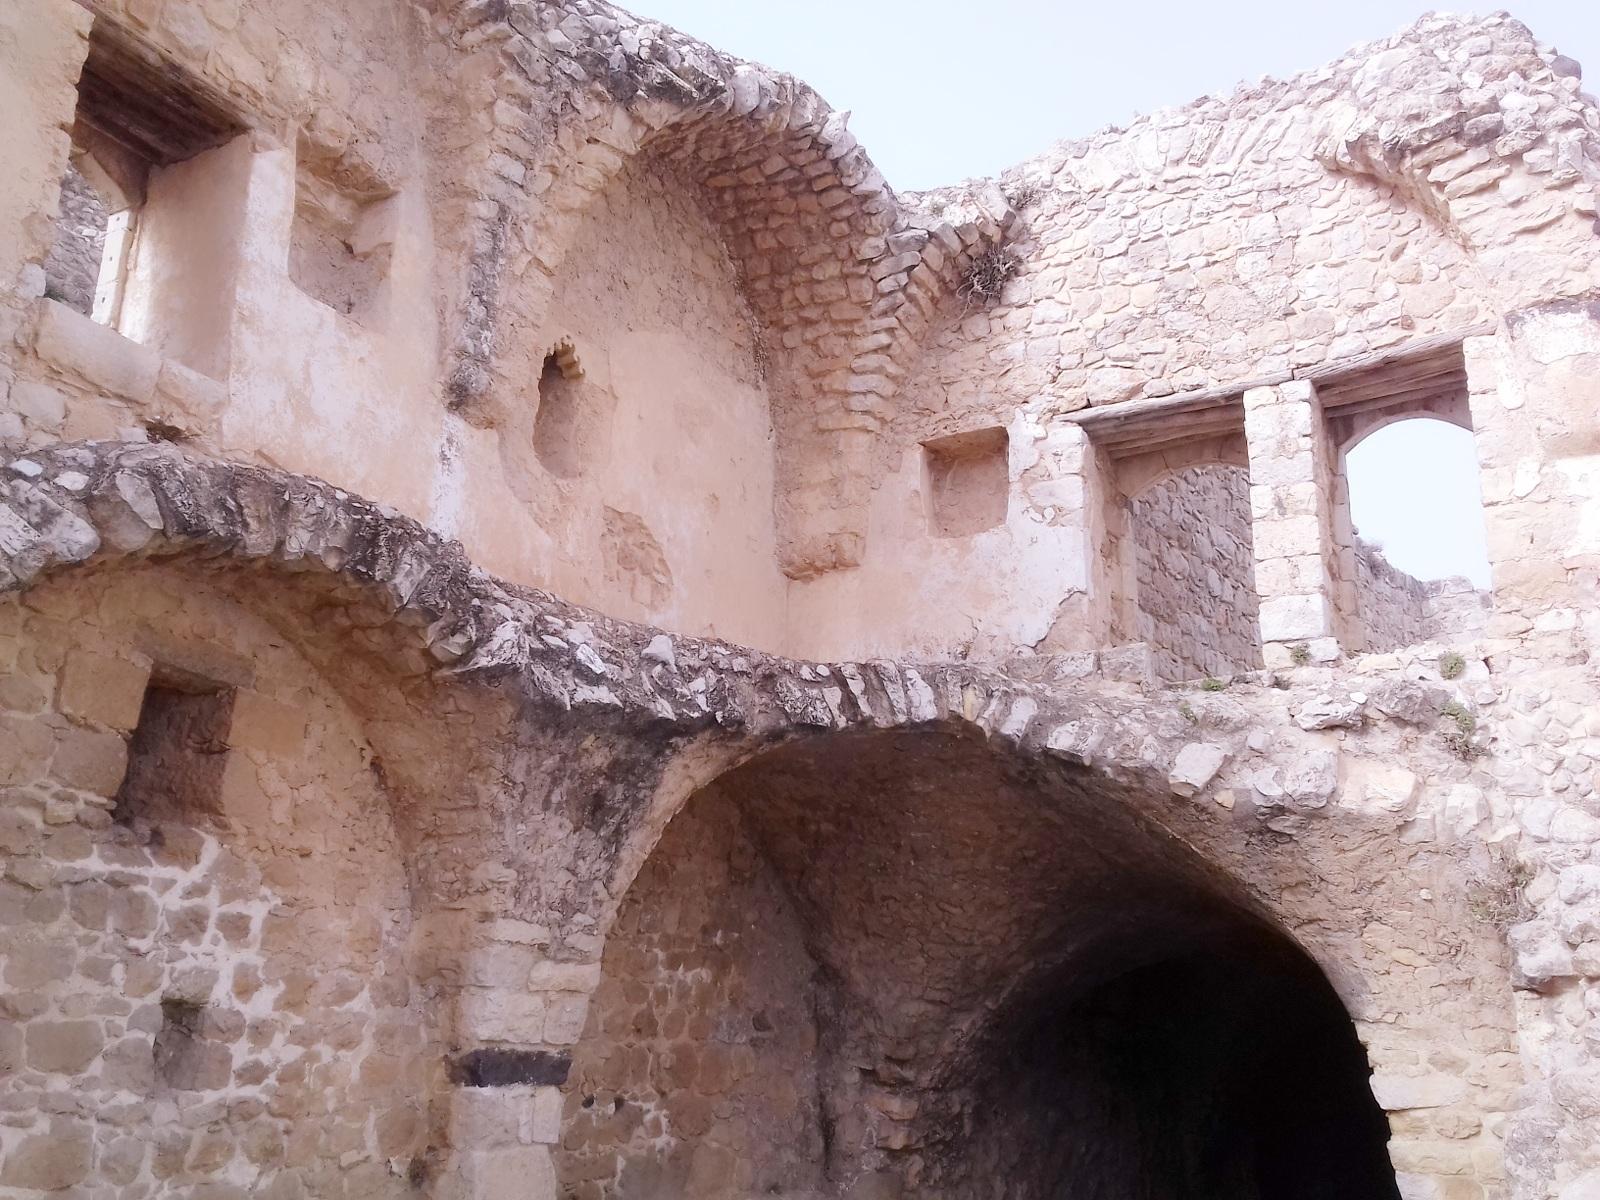 تتفاوت قياسات وألوان حجارة القلعة نظراً لتنوع واختلاف الأساليب المعمارية (اندبندنت عربية)